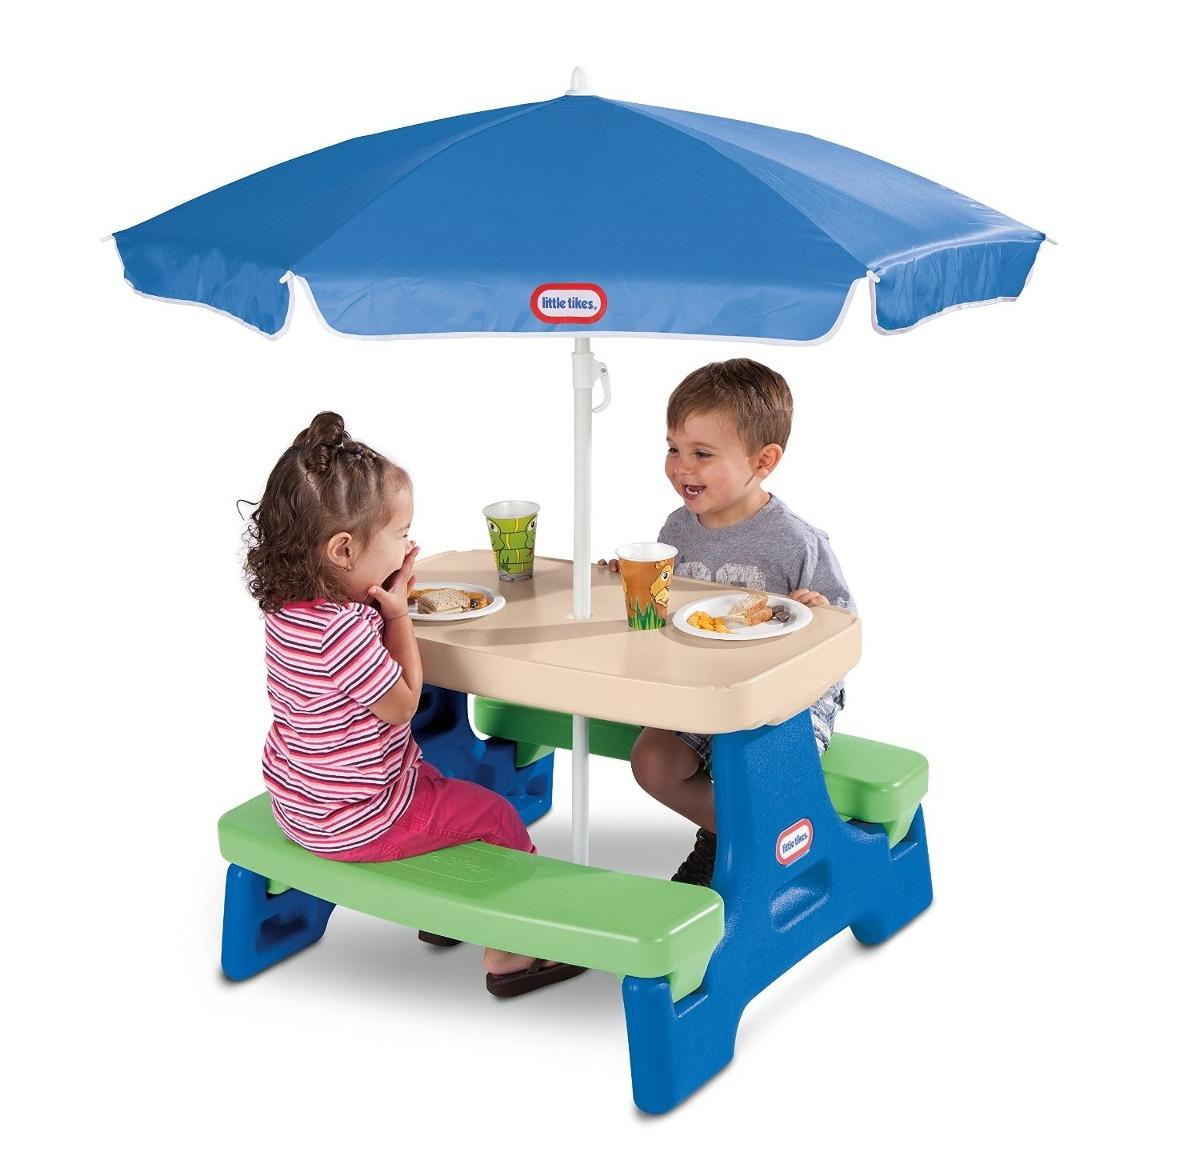 Mesita con sombrilla little tikes ni os infantil juego - Mesita con sillas infantiles ...